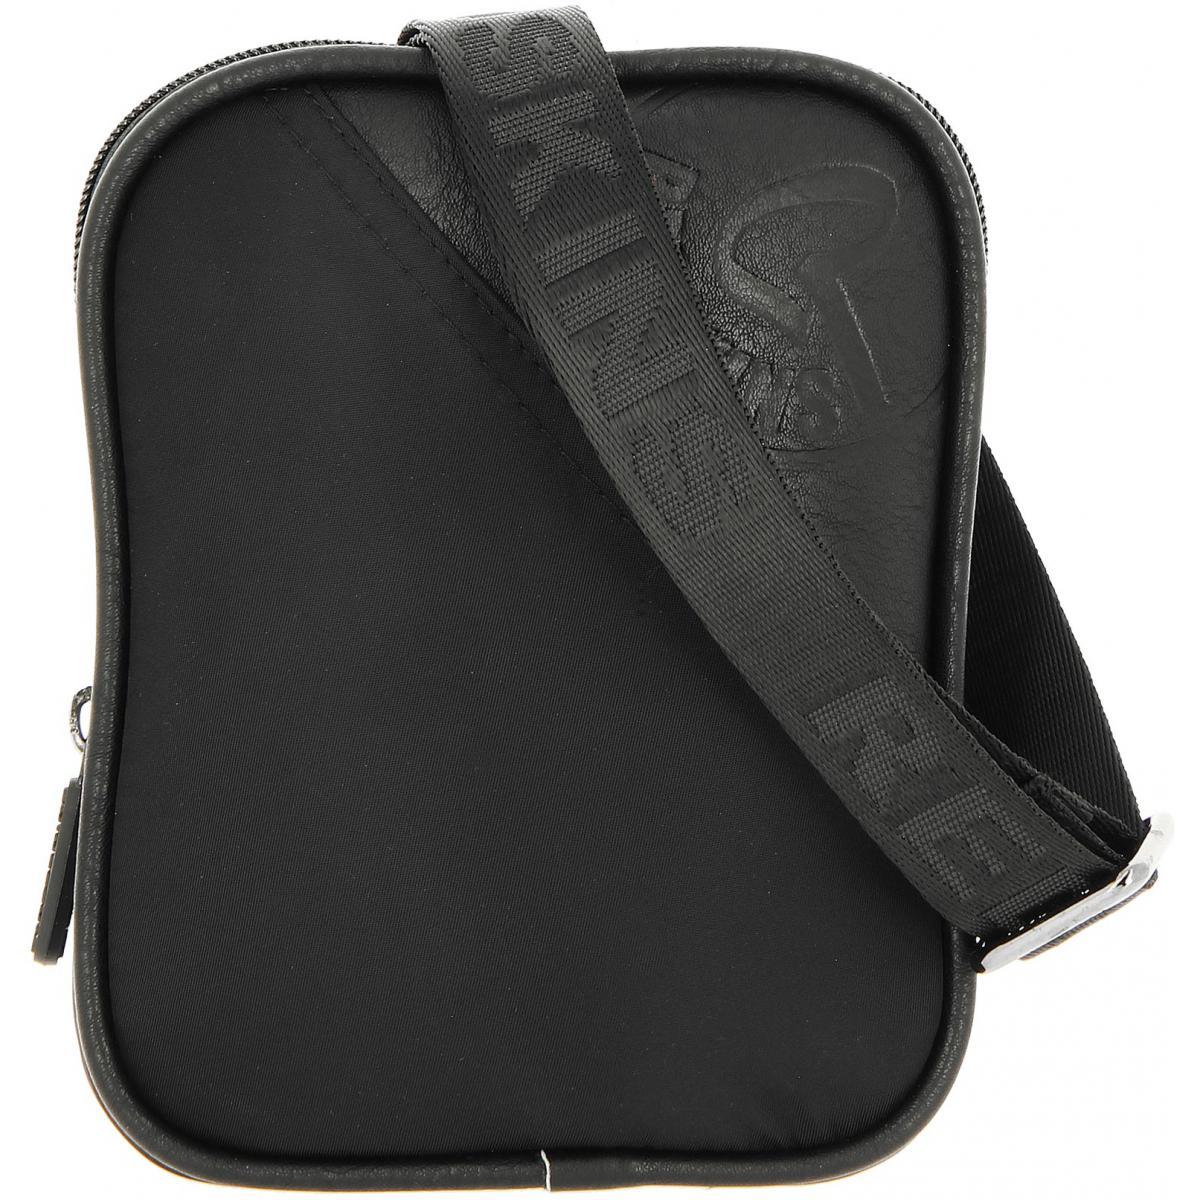 Redskins Pochette Accessoires Pochette S Nylon